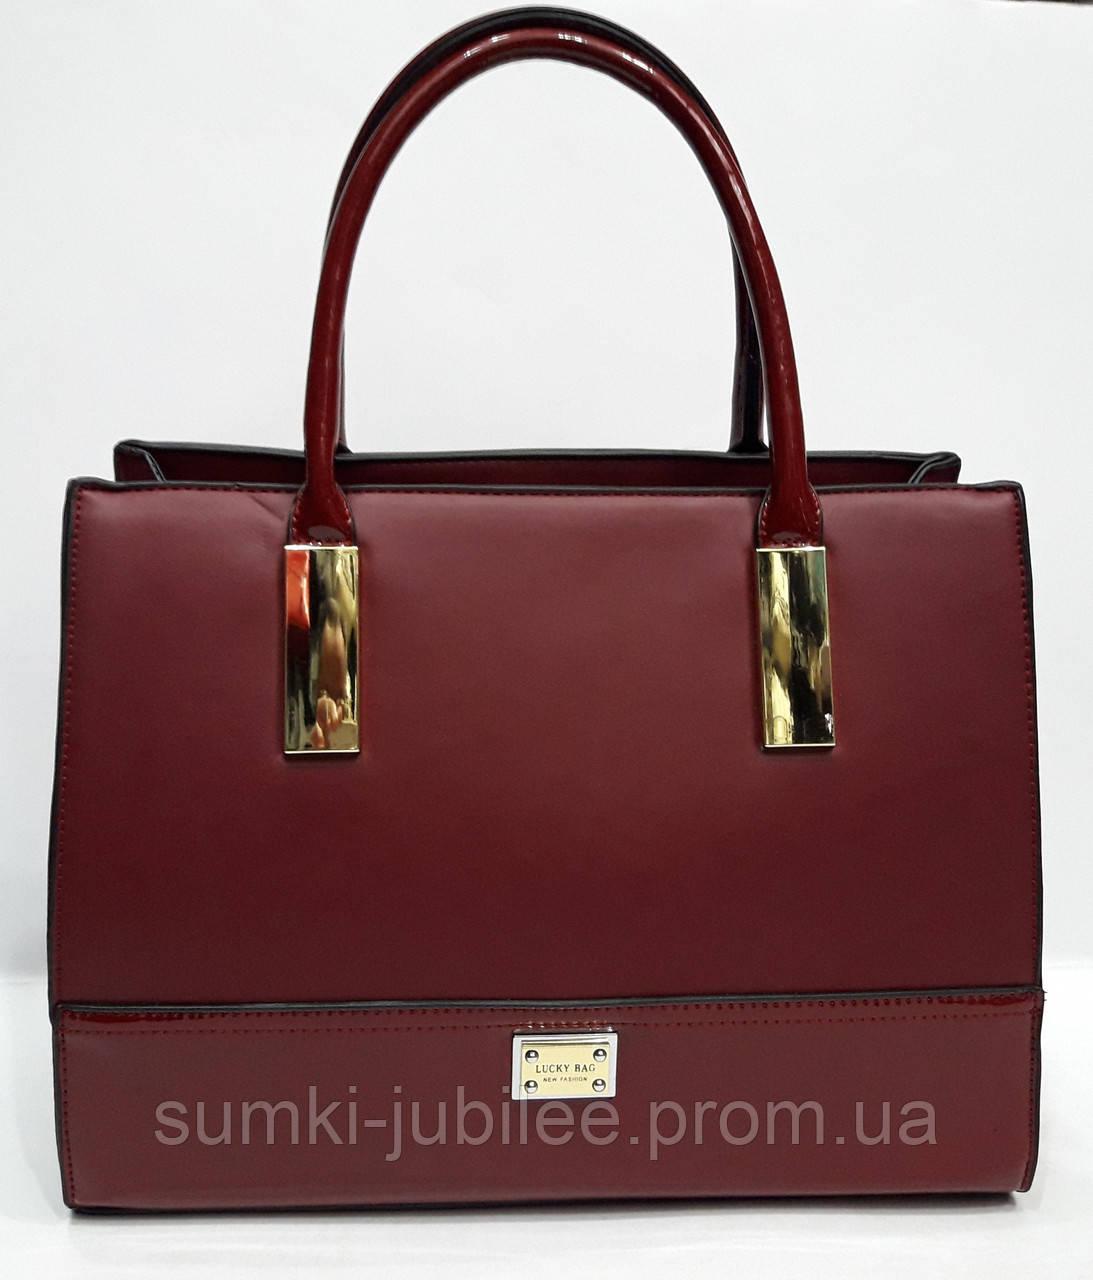 b96a725671d7 Женская сумка LUCKY BAG цвета в ассортименте - Интернет-магазин